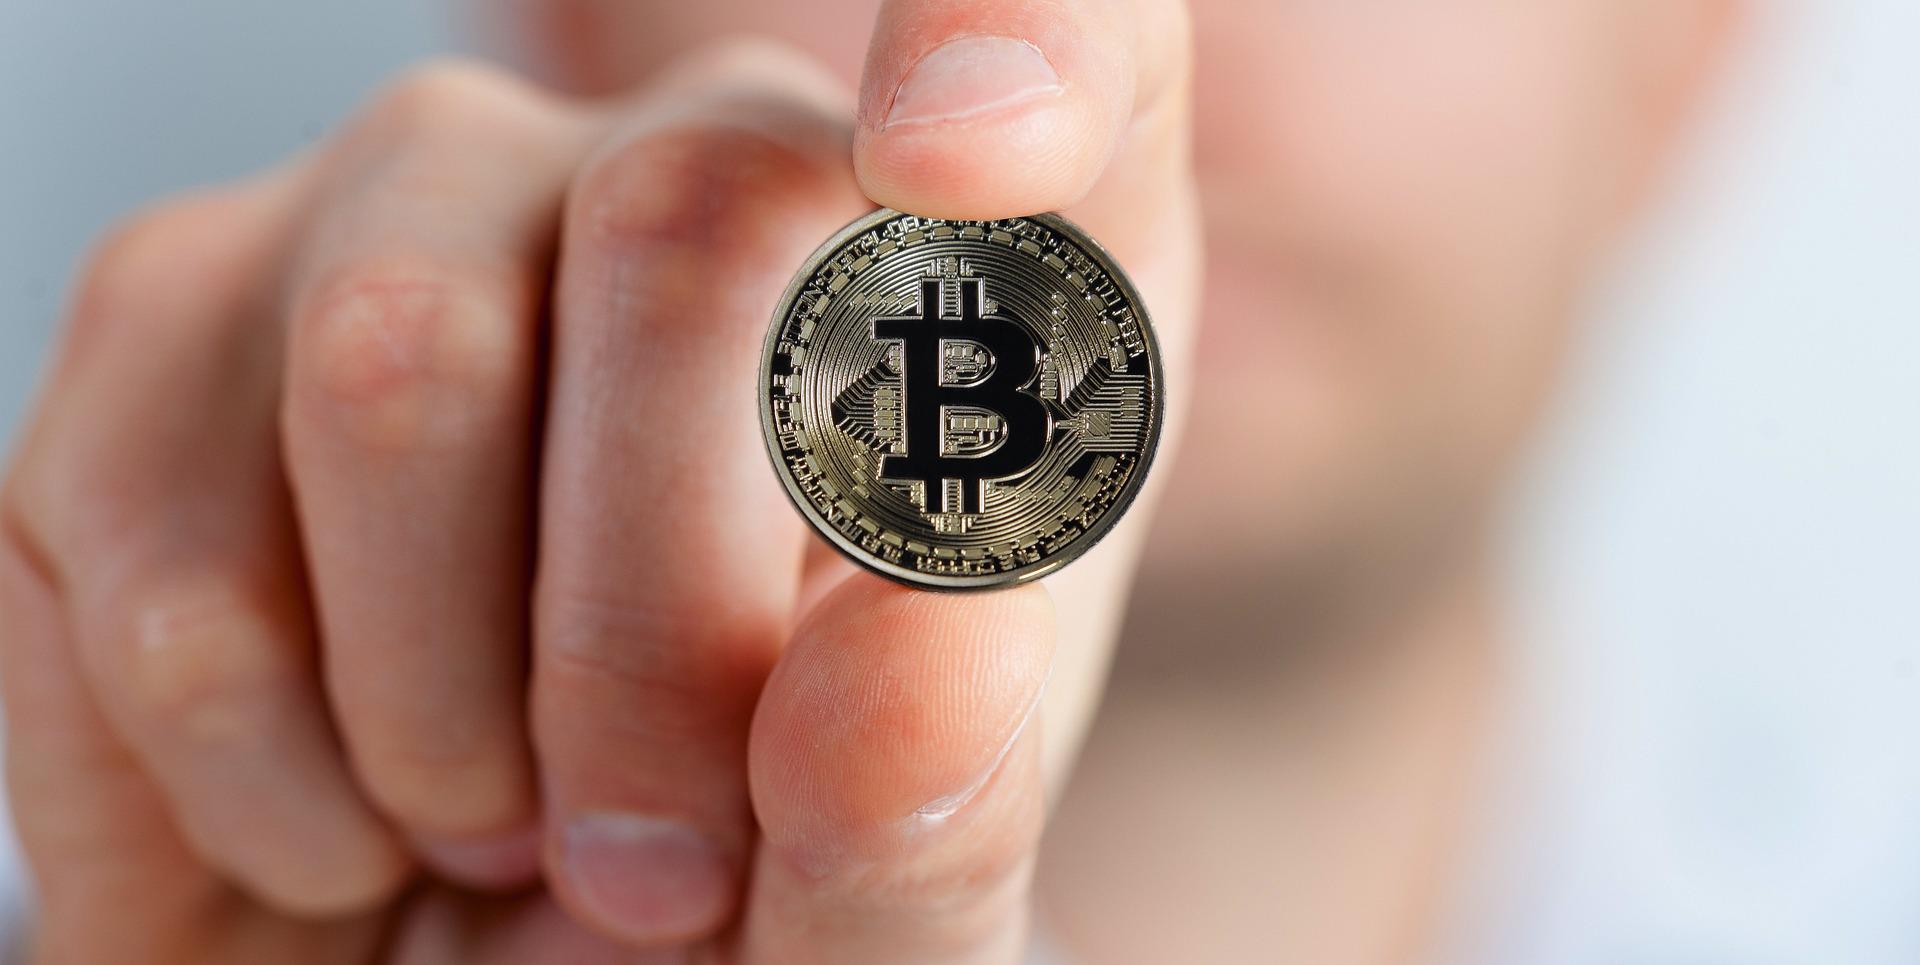 bitcoin-2643160_1920.jpg